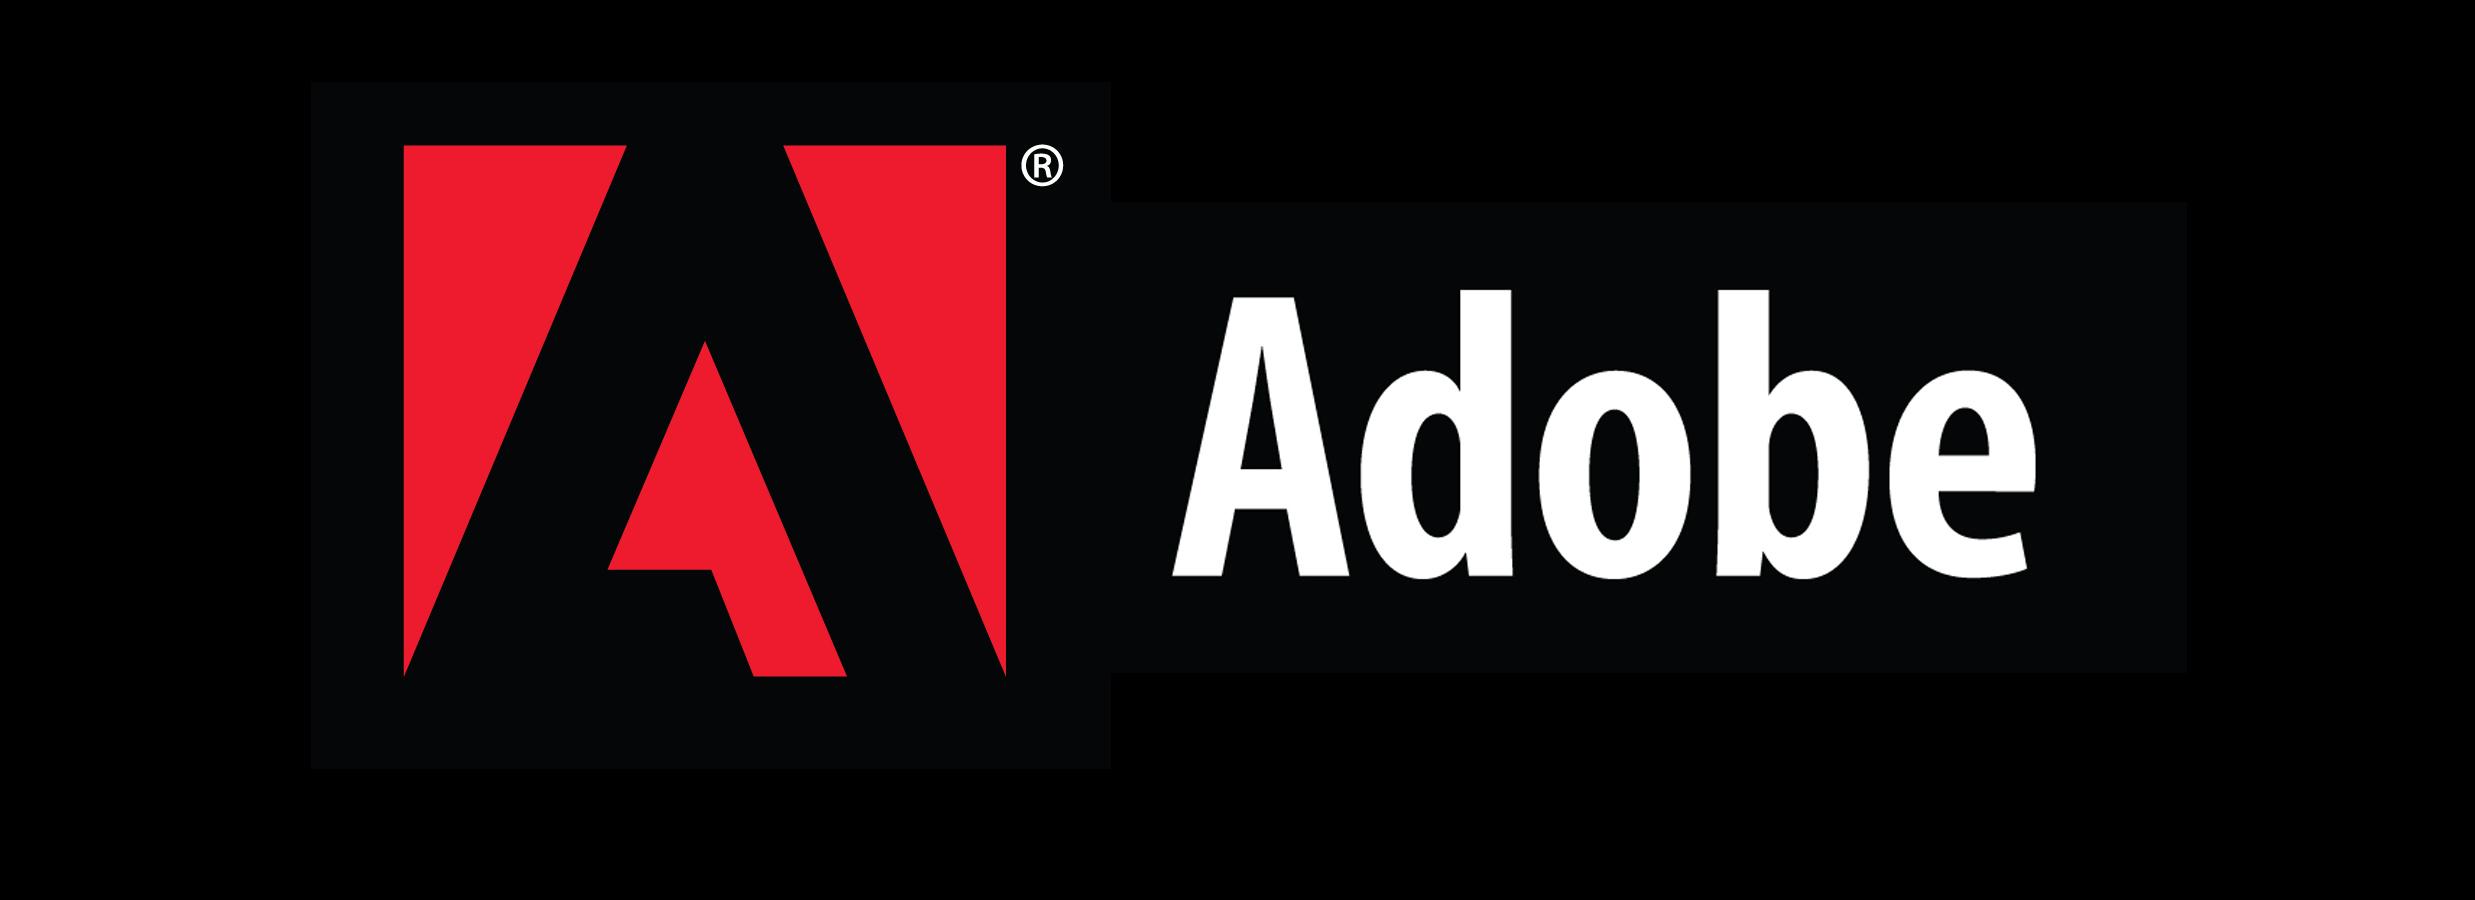 logo 标识 标志 设计 矢量 矢量图 素材 图标 2475_900